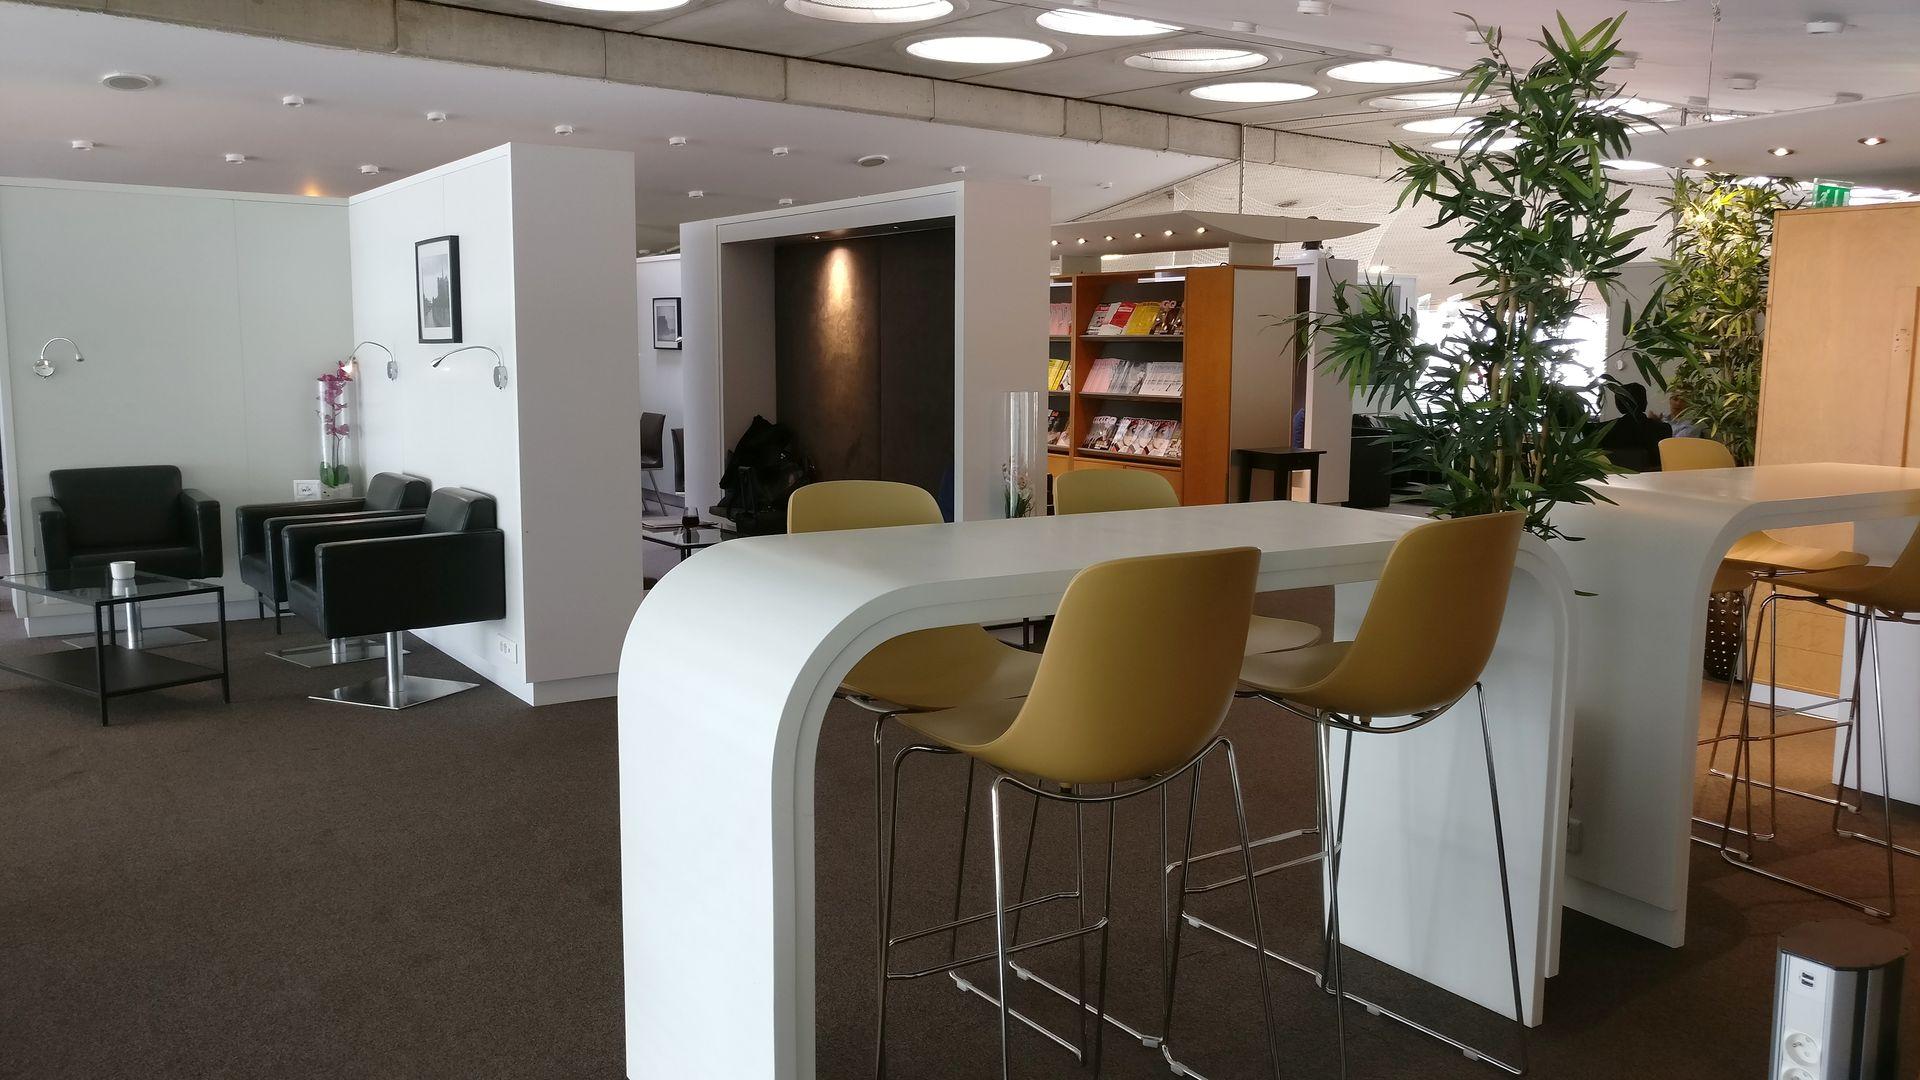 Sheltair Lounge Paris CDG Seating